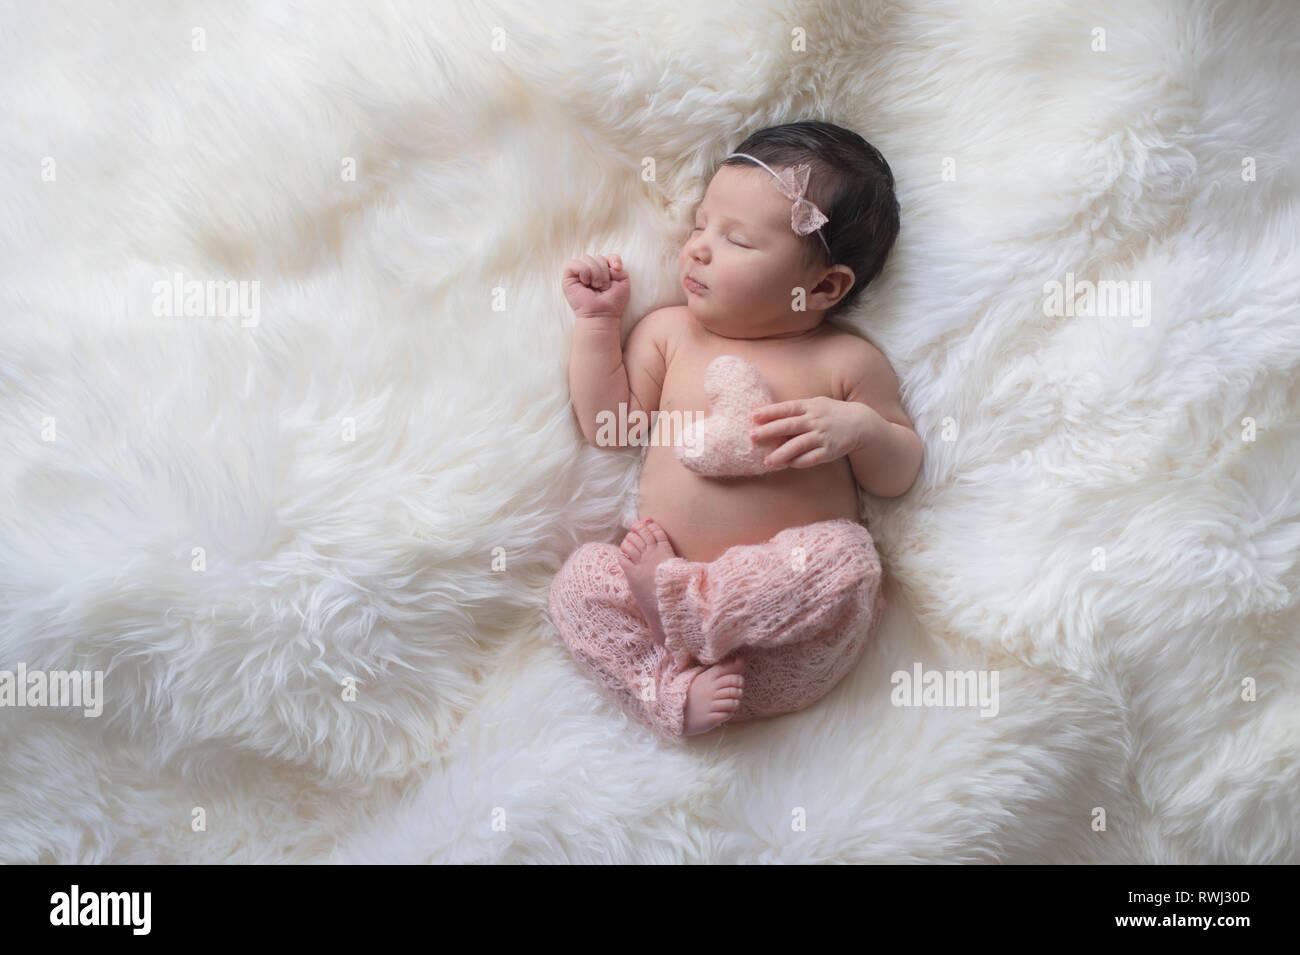 f494e94e8b Dormire, settimana di età neonato bambina indossa la luce rosa, Pantaloni a  maglia e